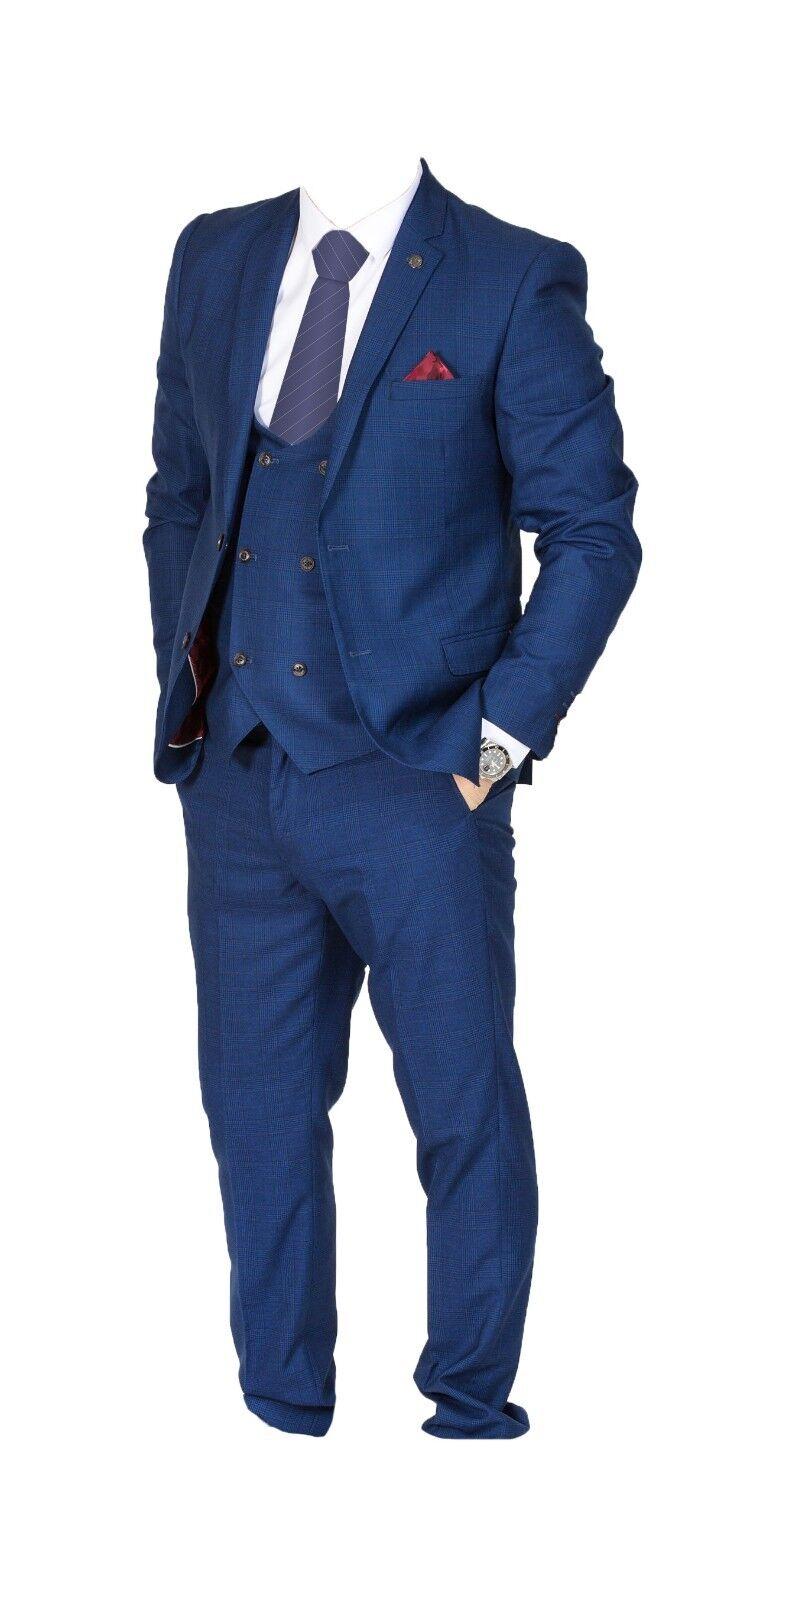 Herren Marc Darcy kariert Anzug 3-teilig Hochzeit   Party Style Georg -   | Große Auswahl  | Rich-pünktliche Lieferung  | Smart